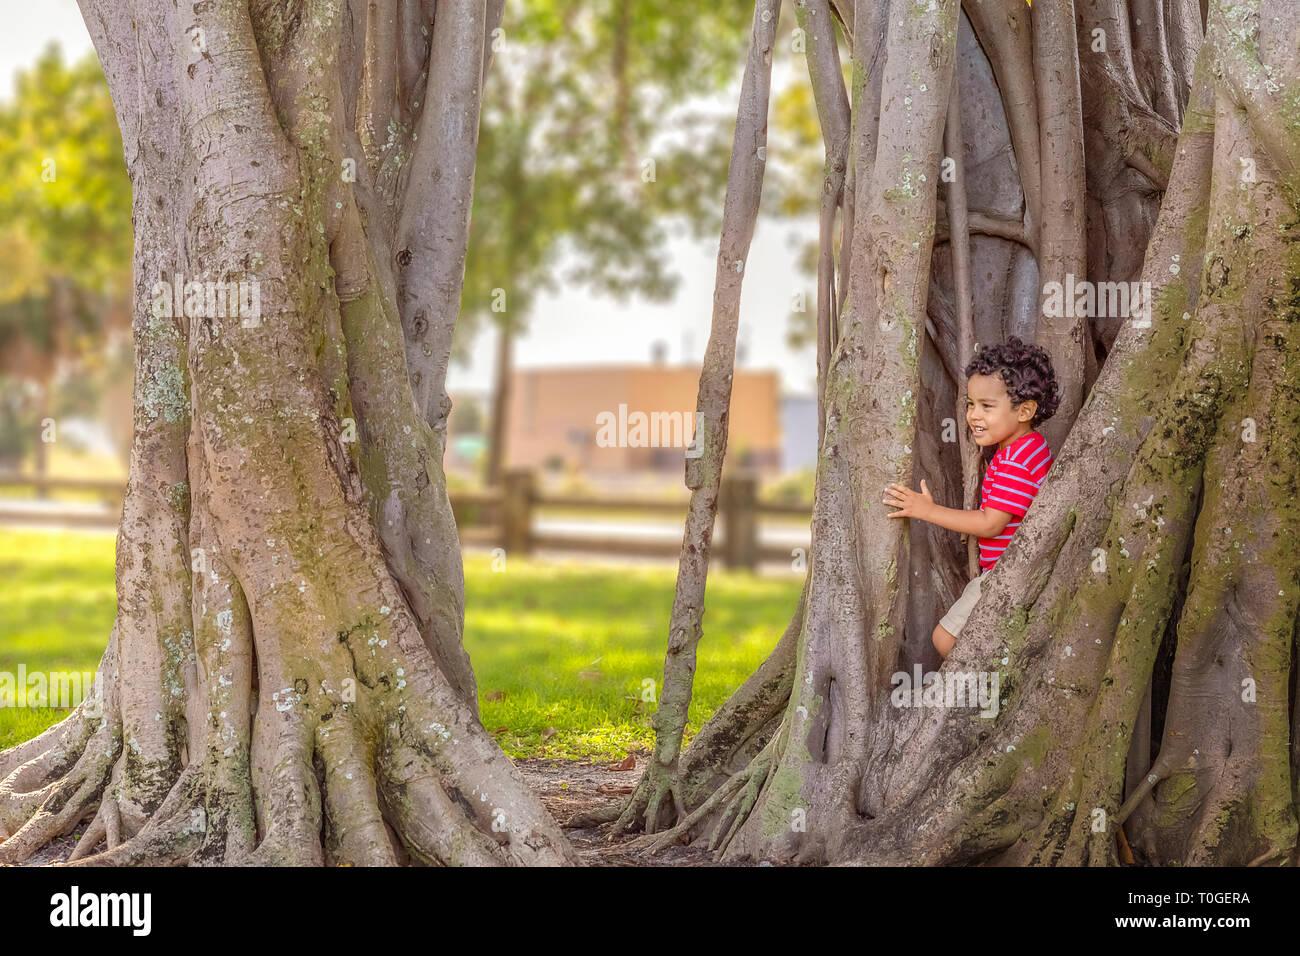 El chico sale de la clandestinidad junto con una sonrisa. Jugando al escondite en el parque, el chico se esconde en el Banyan tree grandes raíces. Foto de stock